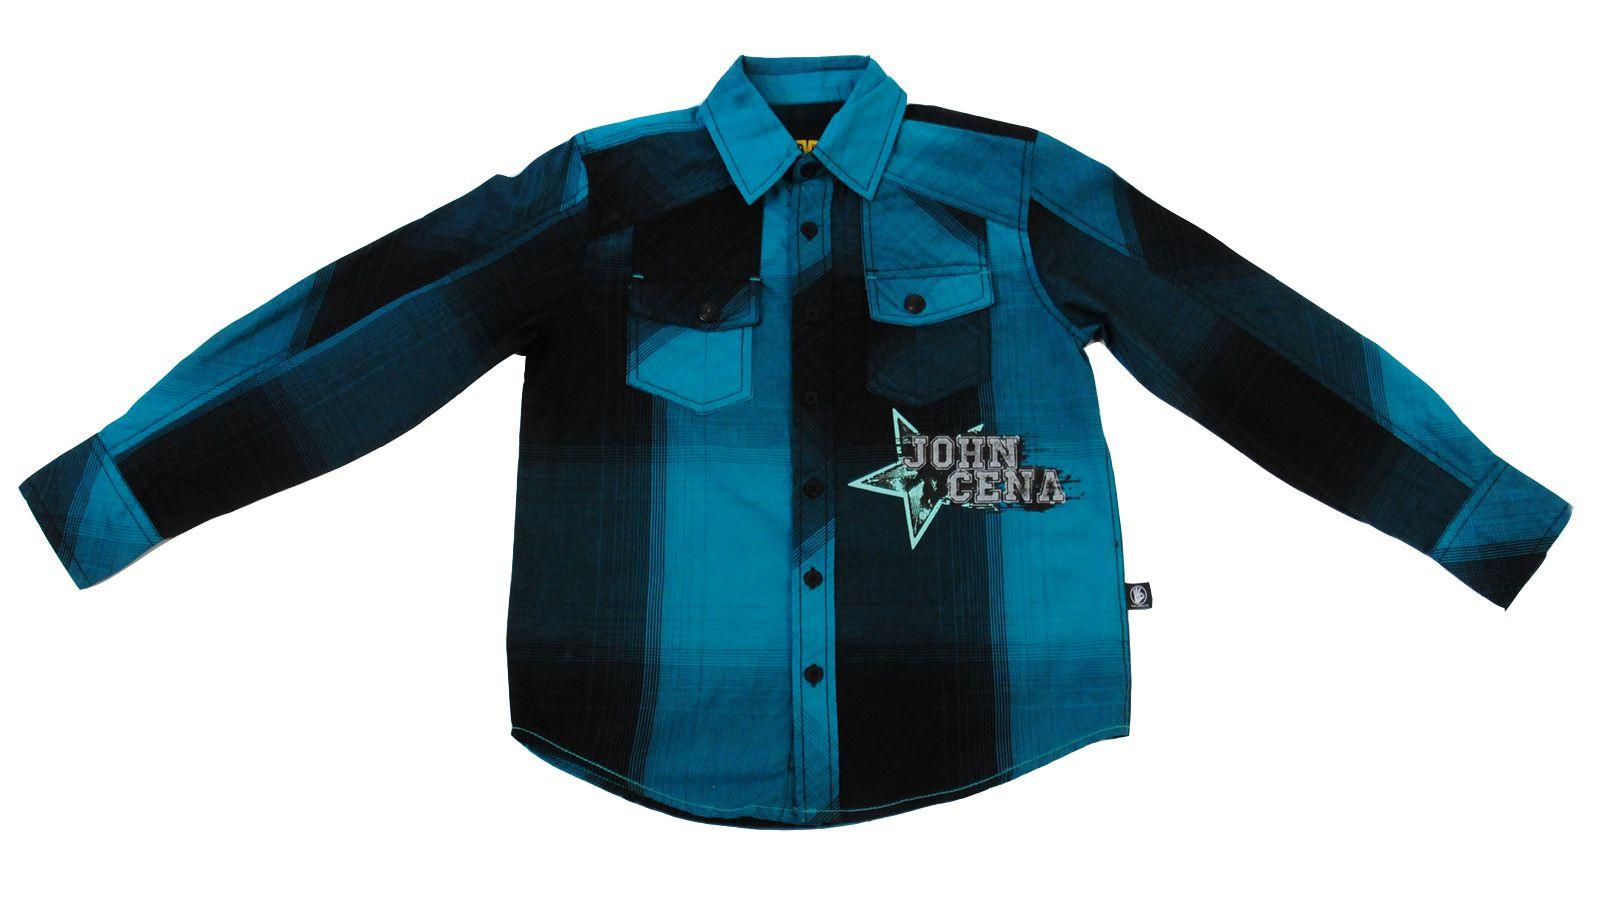 Рубашка для мальчиков от американского бренда Jhon Cena Never give up-вид спереди